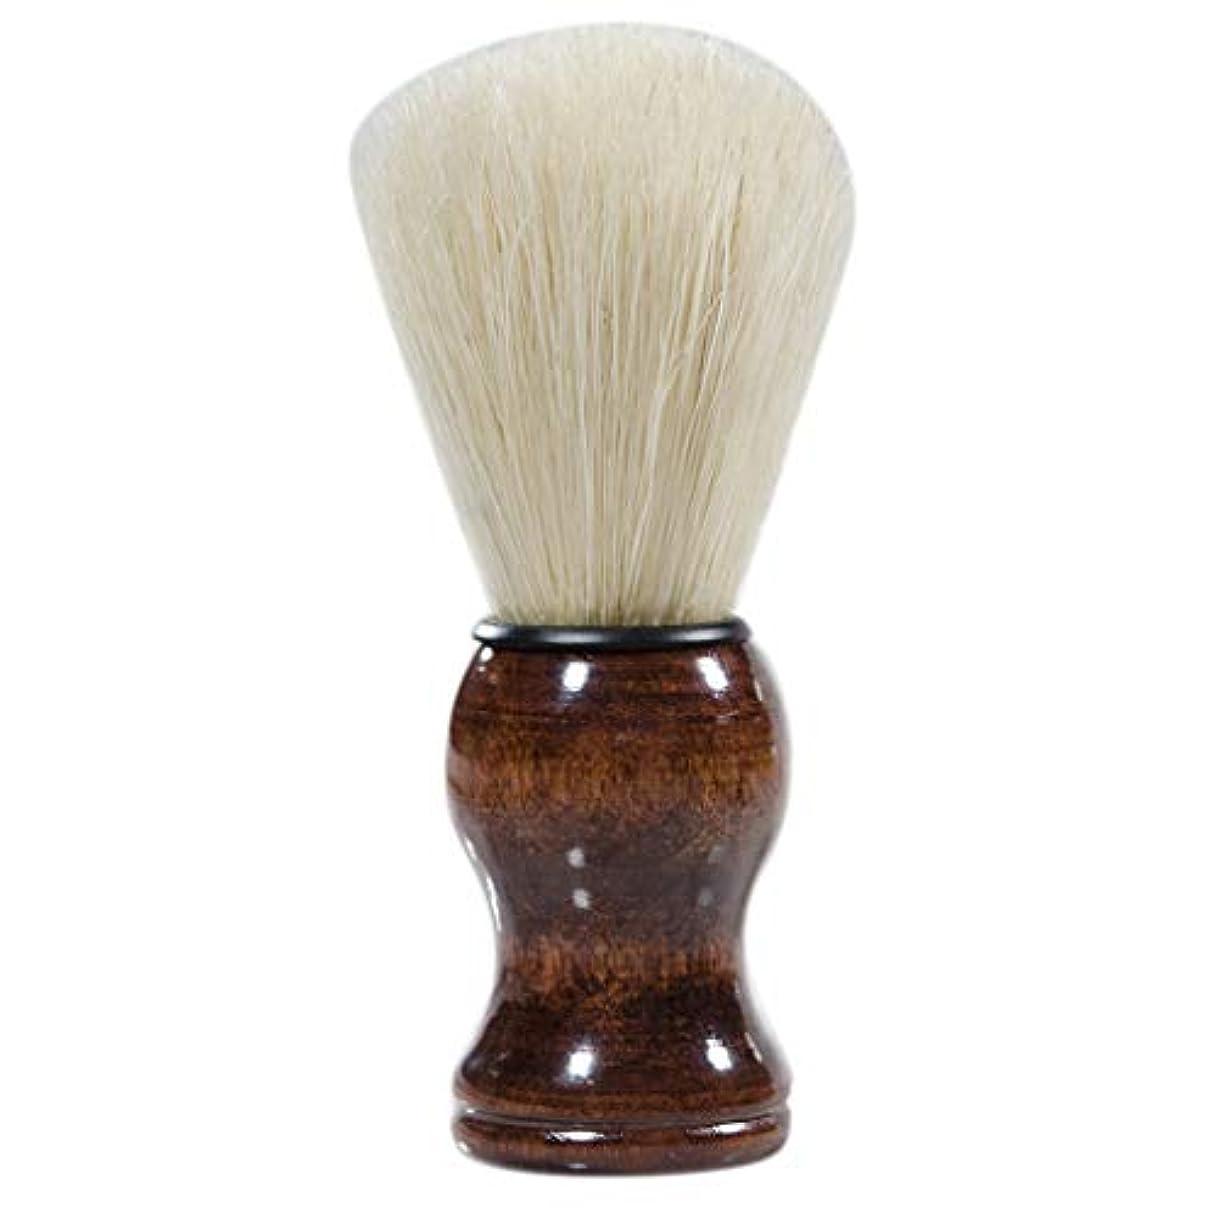 弱い書士雑多なsharprepublic シェービングブラシ 毛髭ブラシ 髭剃りブラシ ひげブラシ 理容ブラシ ひげ剃り 美容ツール